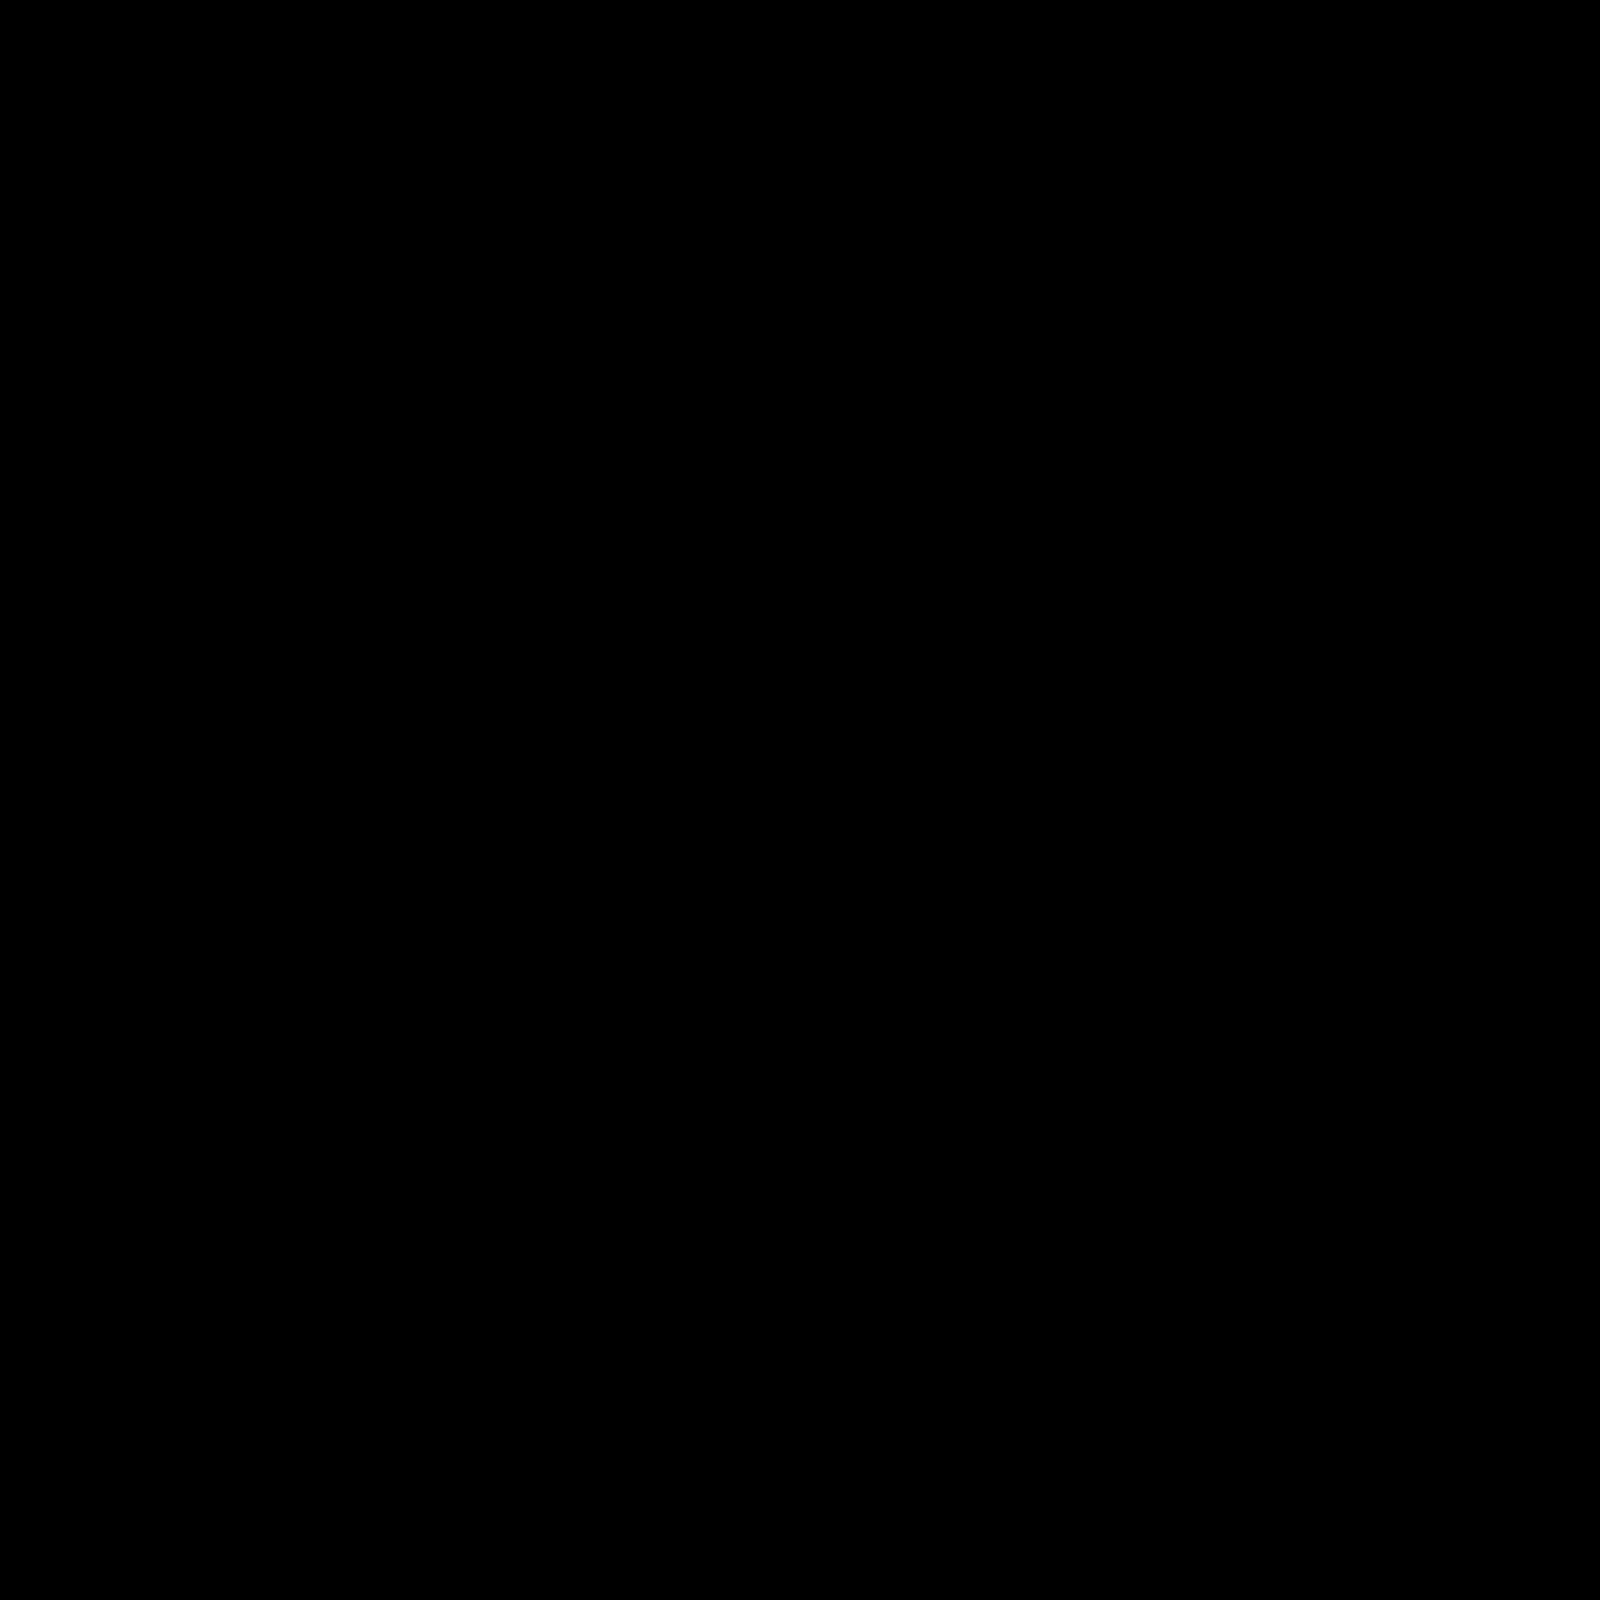 設定 icon. This icon represents settings.  It is shaped like a ship wheel.  A large circular shape with eight rectangle like protrusions go around the entire object.  In the middle is a small circle that is placed directly in the center.